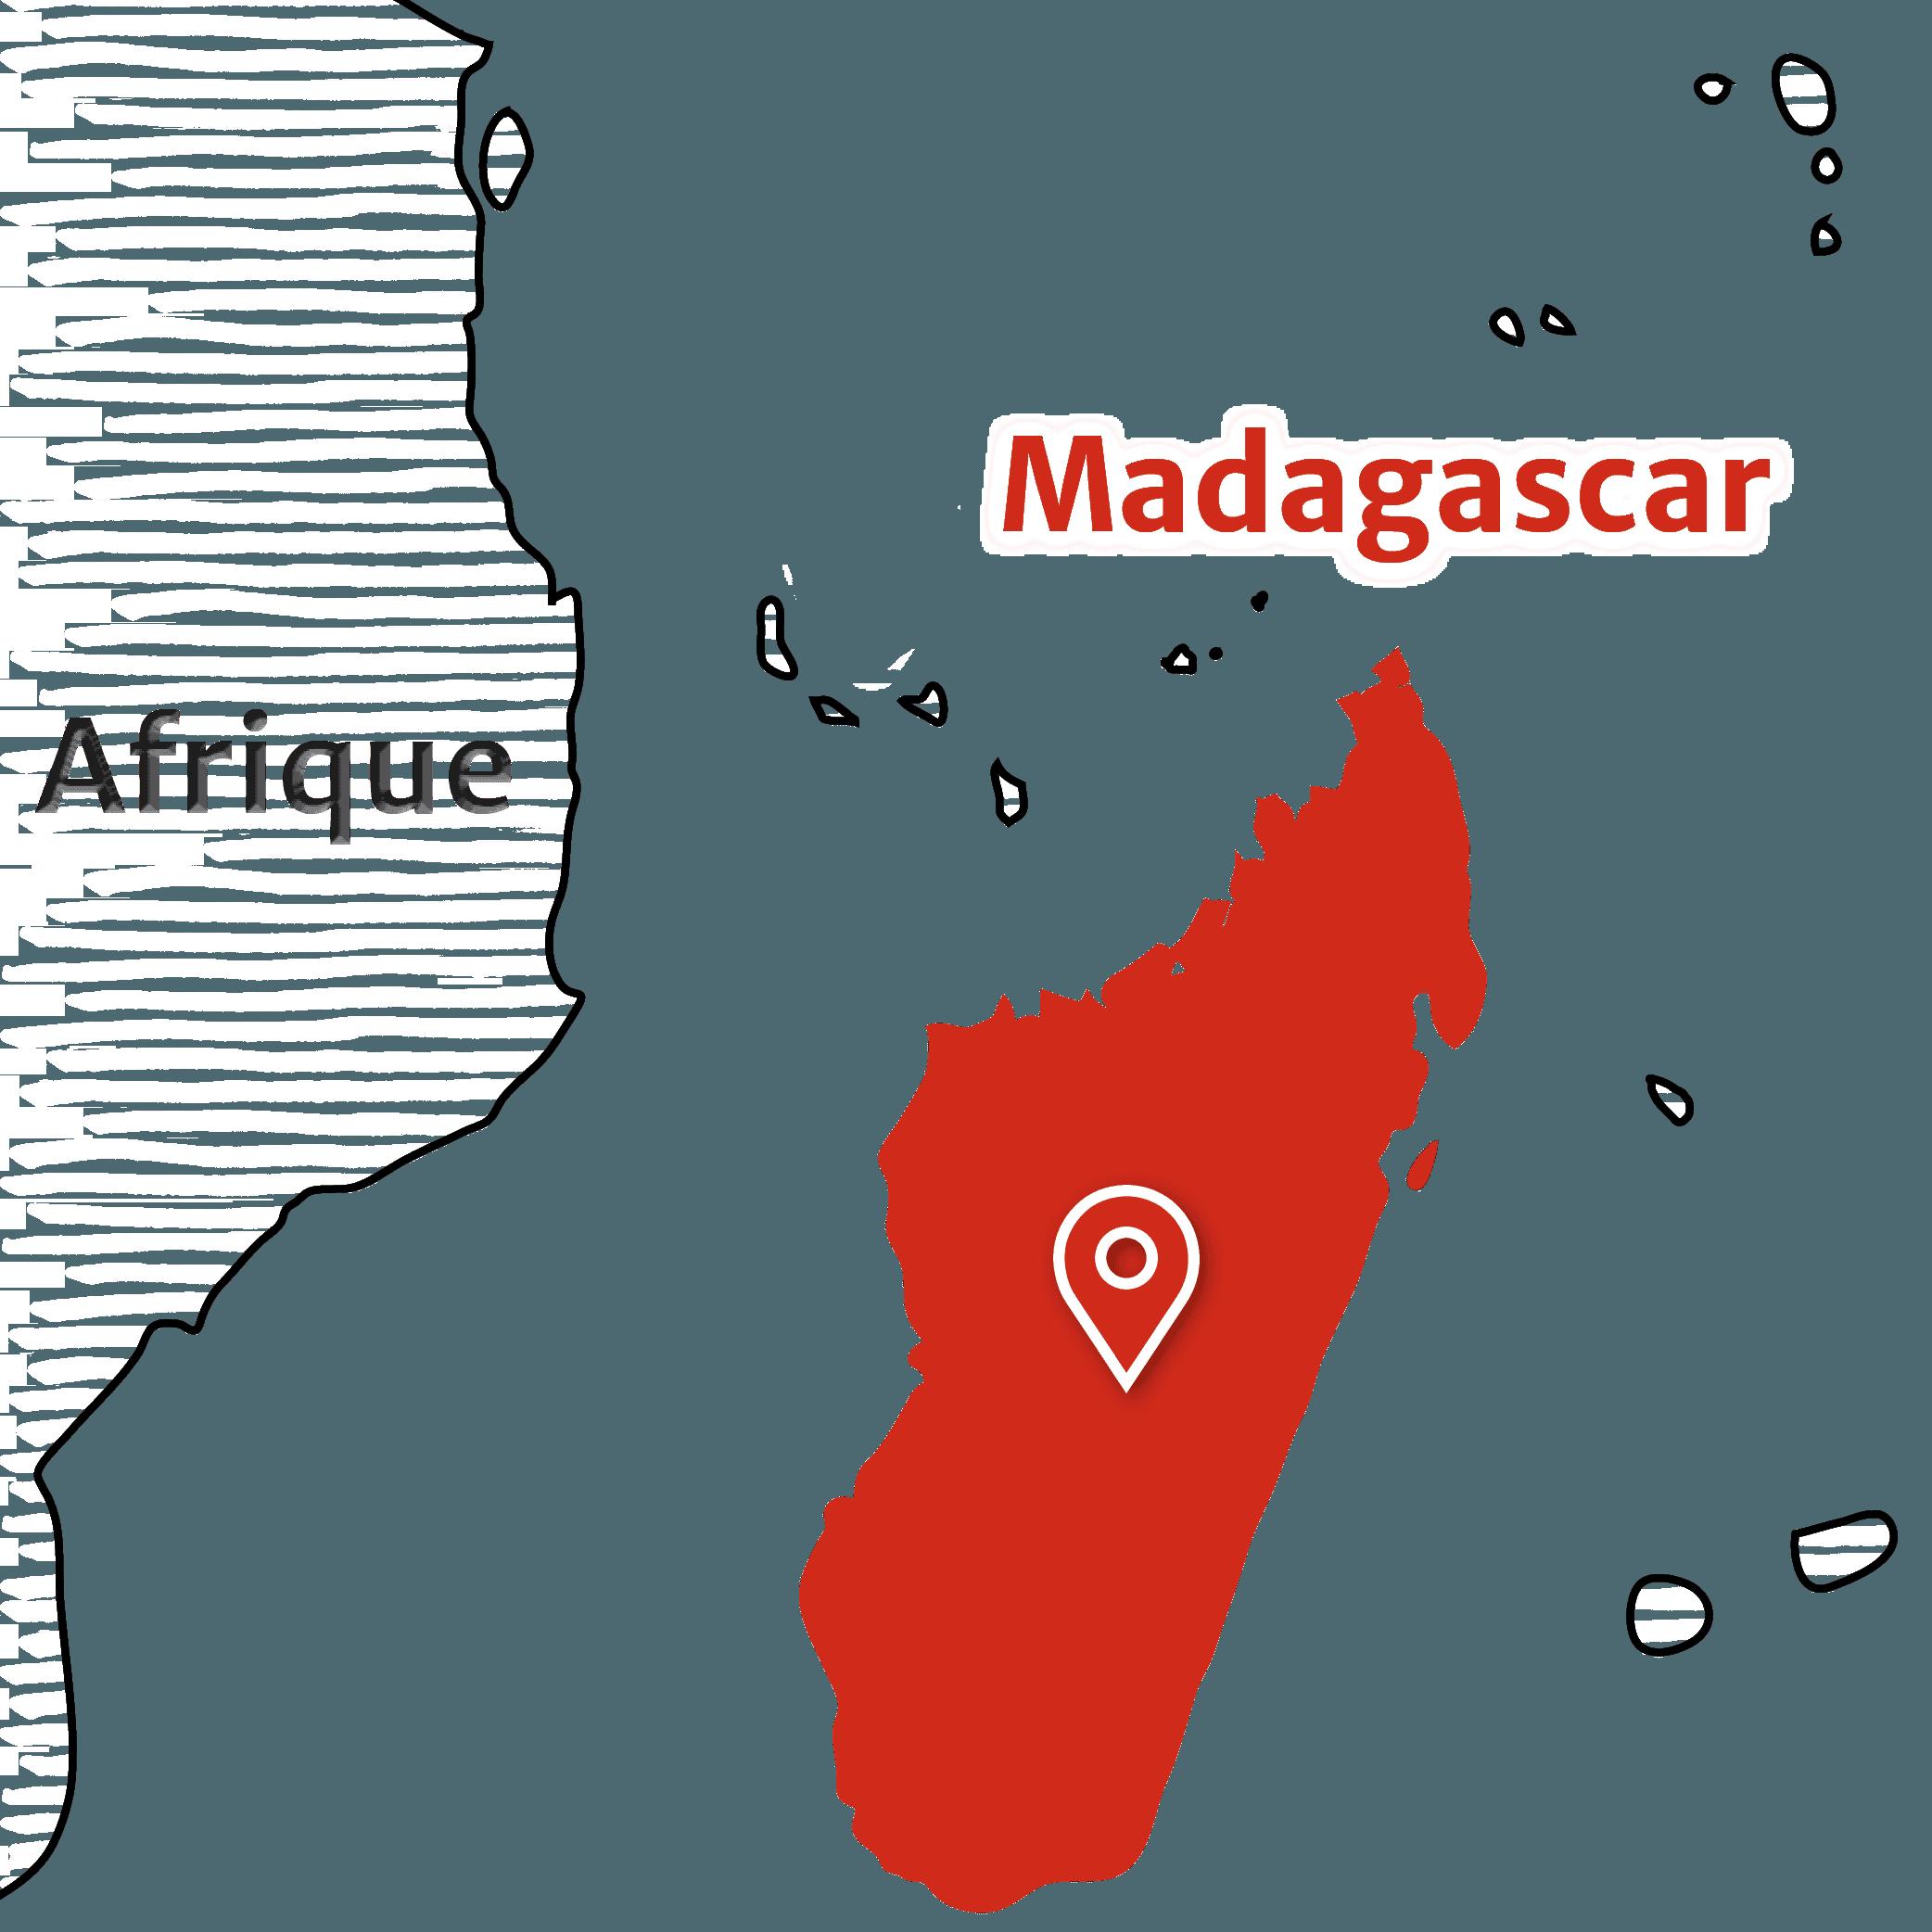 Madagascar - Carte emplacement Madagascar